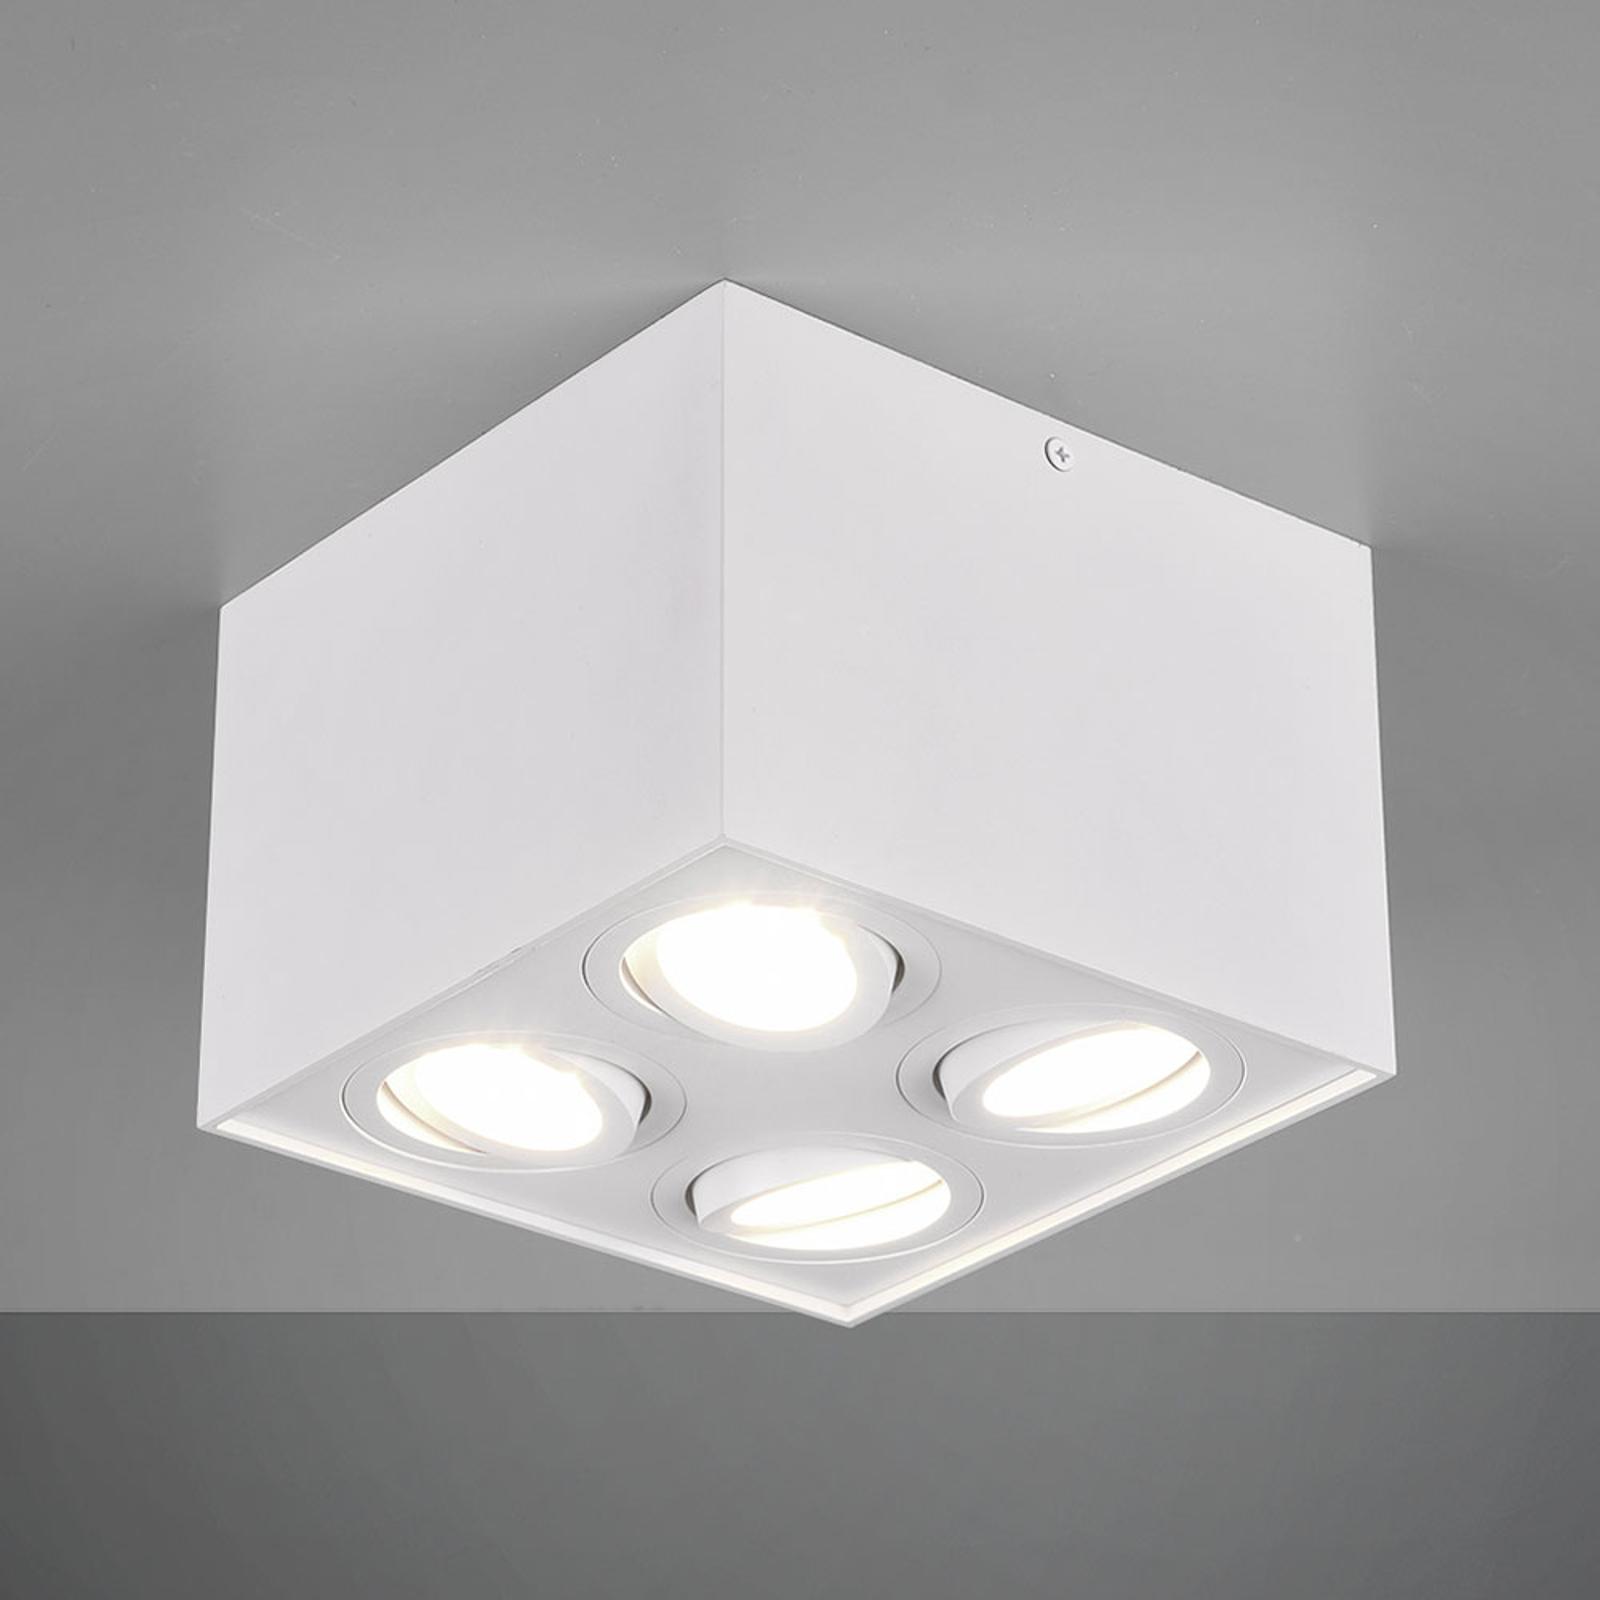 Loftlampe Biscuit, 4 lyskilder, hvid